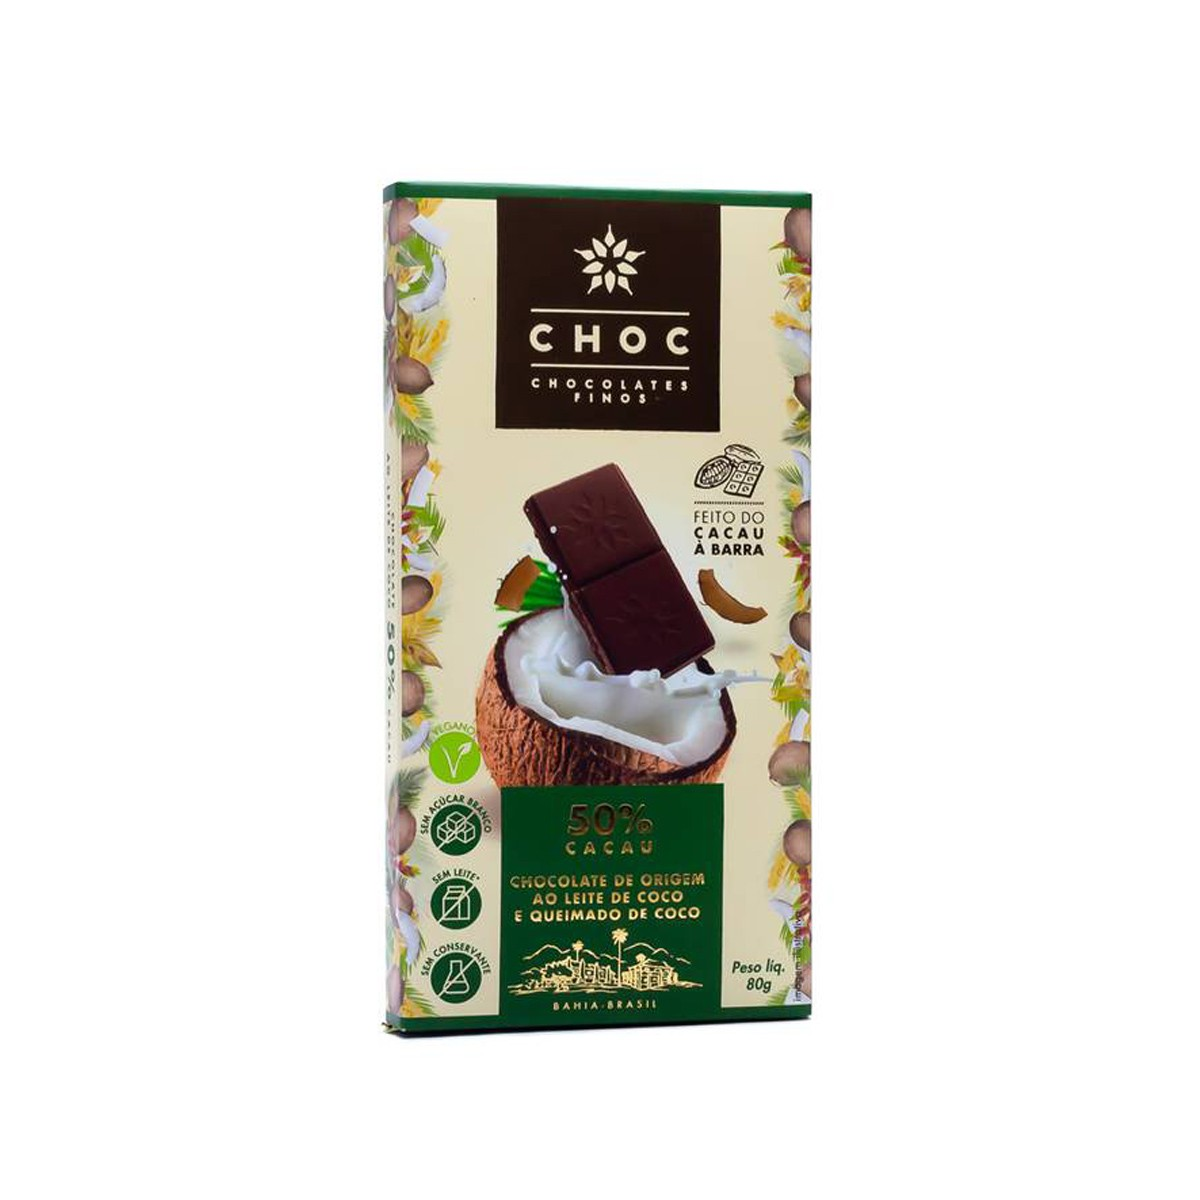 Chocolate ao Leite de Coco e Coco Queimado 50% Cacau 80g - Choc